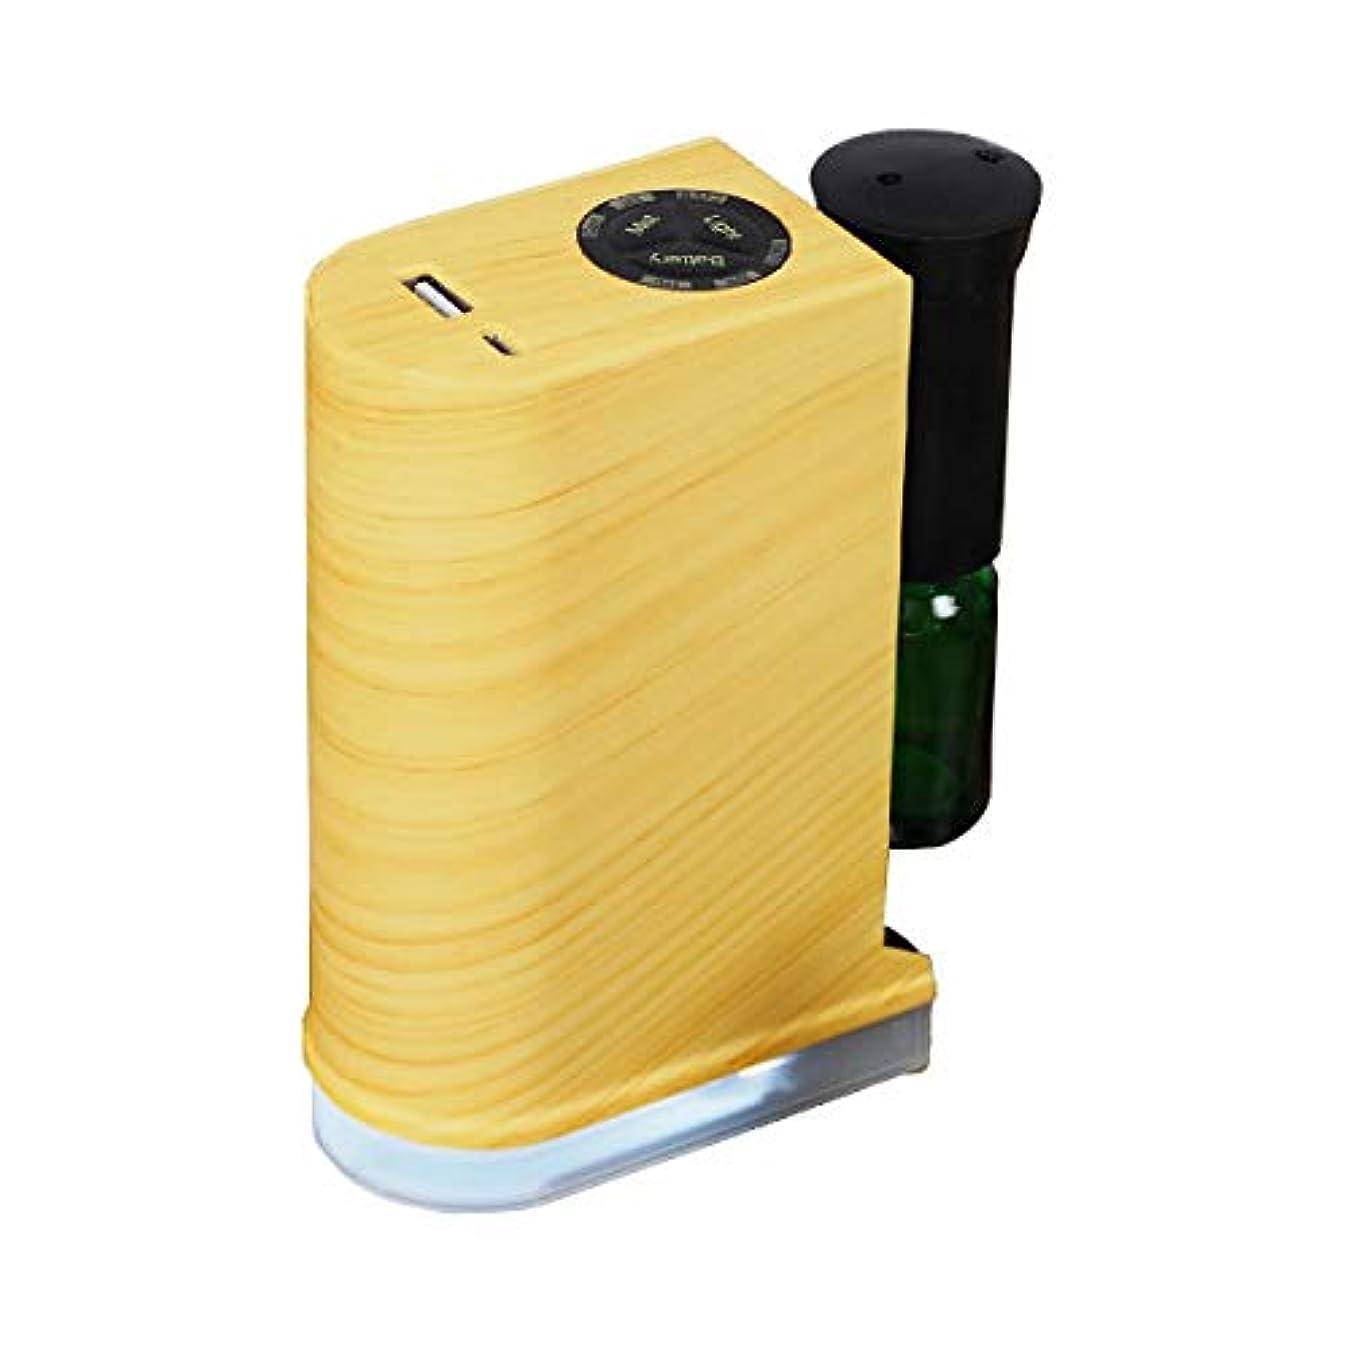 ヨーロッパジョージエリオット生産的アロマデュフューザー 水を使わない ネブライザー式アロマディフューザー LED搭載 アロマオイル 精油 アロマ芳香 (ナチュラル)